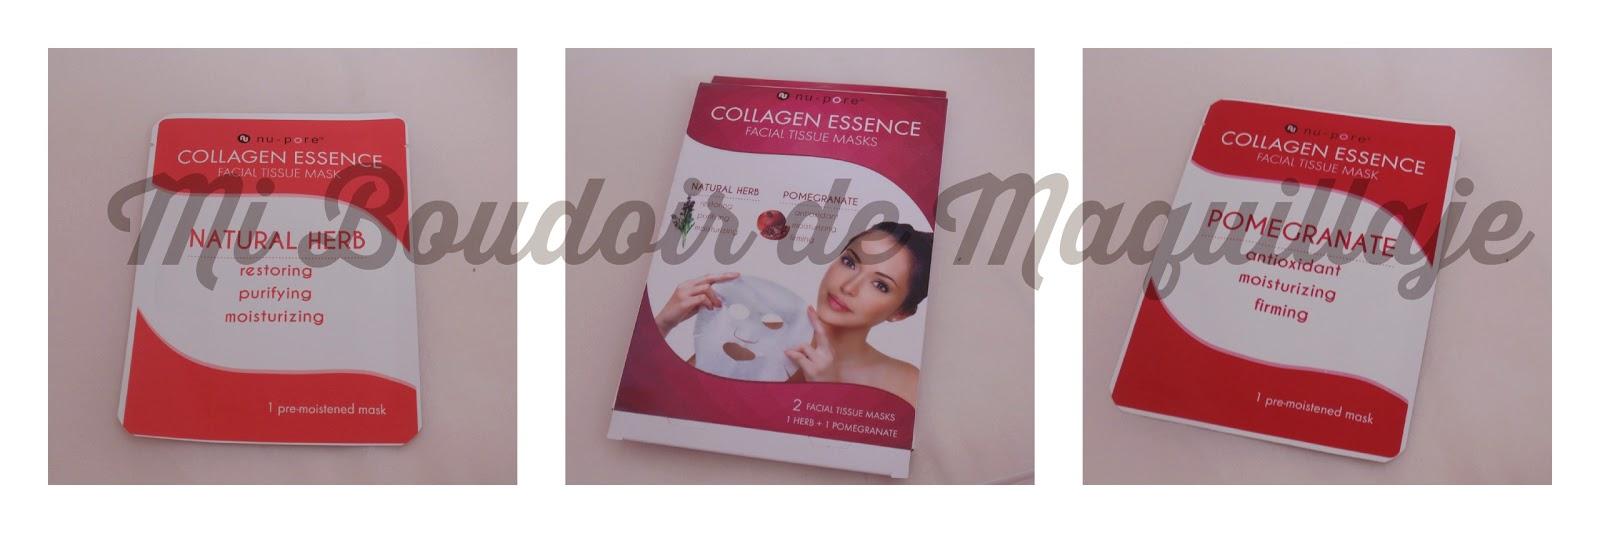 Collagen Mask Iherb